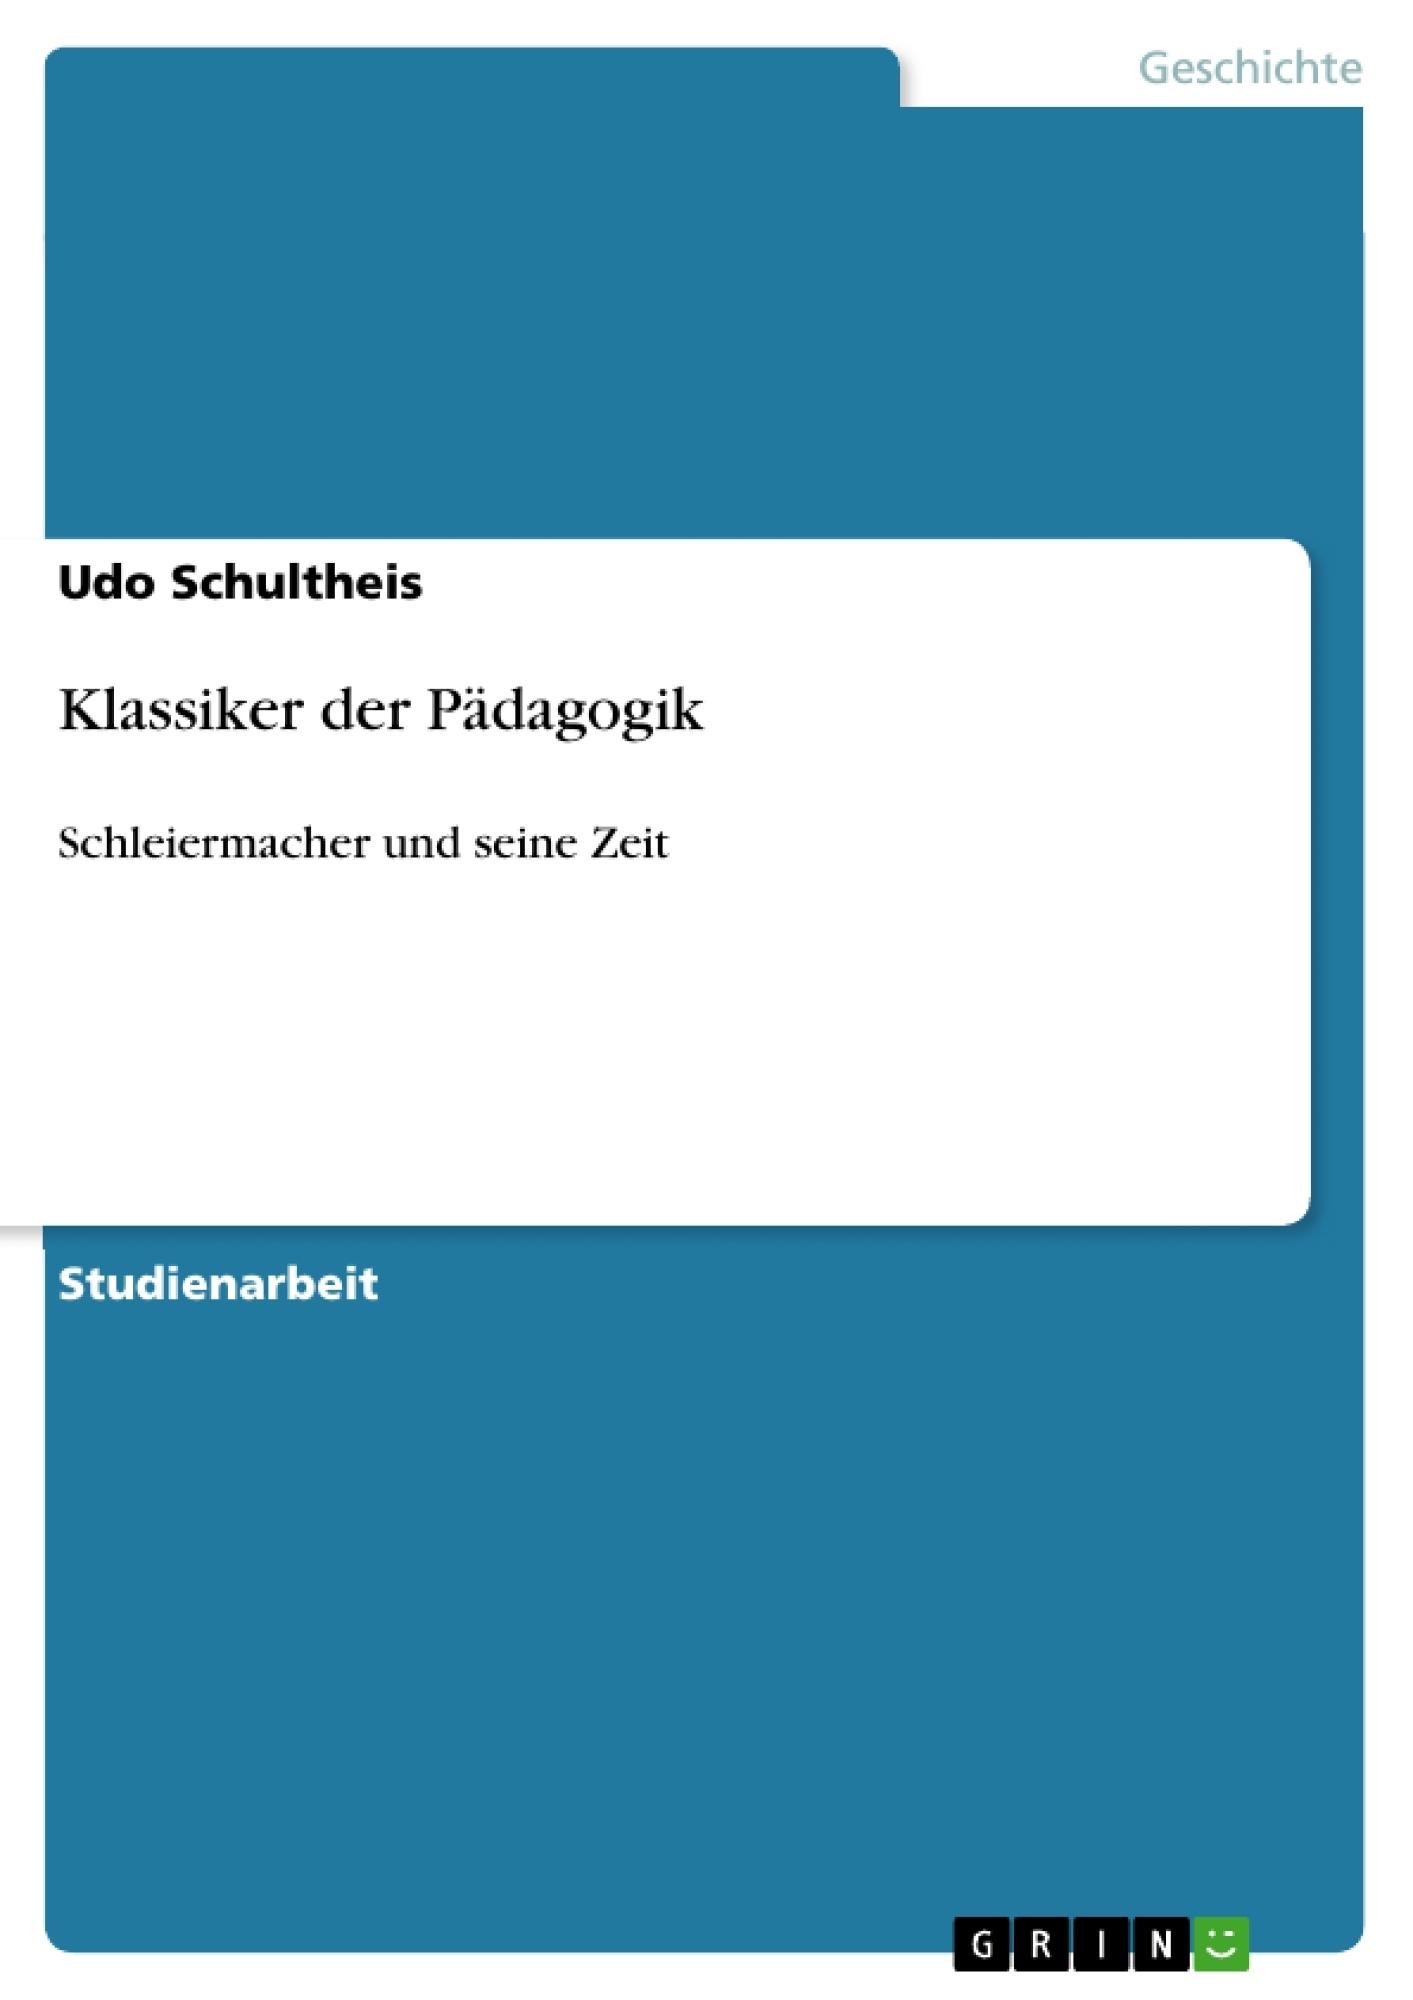 Titel: Klassiker der Pädagogik